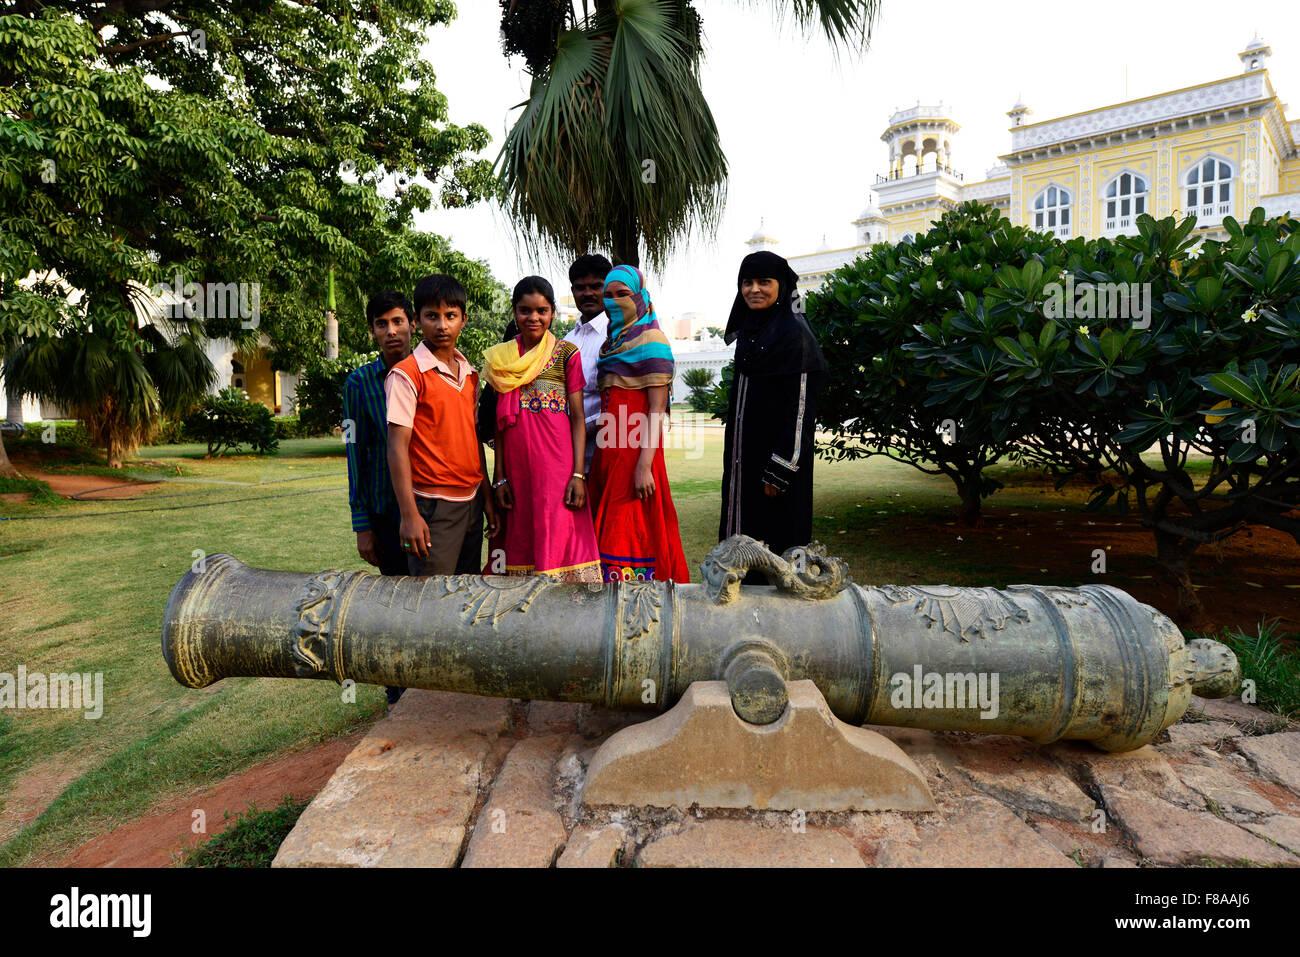 Un vecchio canonico presso il palazzo Chowmahalla in Hyderabad. Immagini Stock